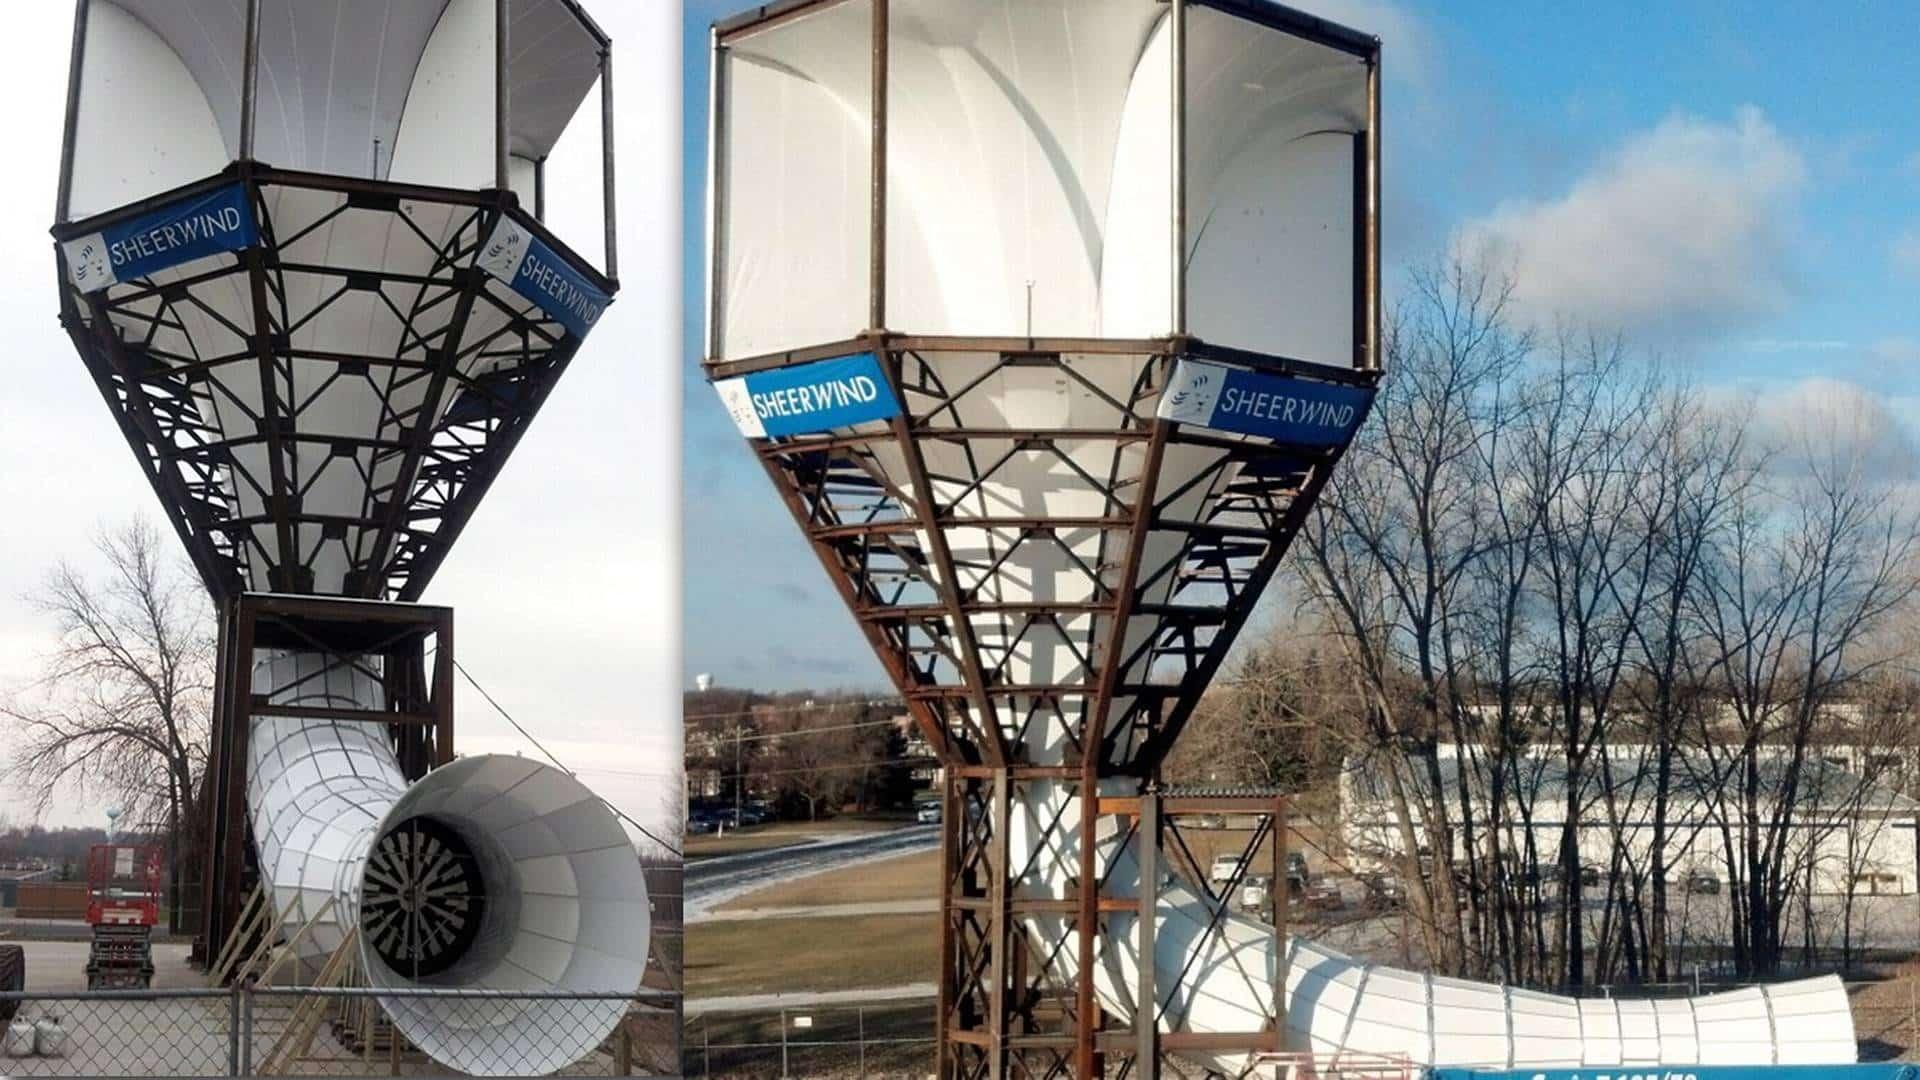 533ccb78d2eb09b816217a7c201d22be - INVELOX: Aerogenerador que produce un 600% más de potencia